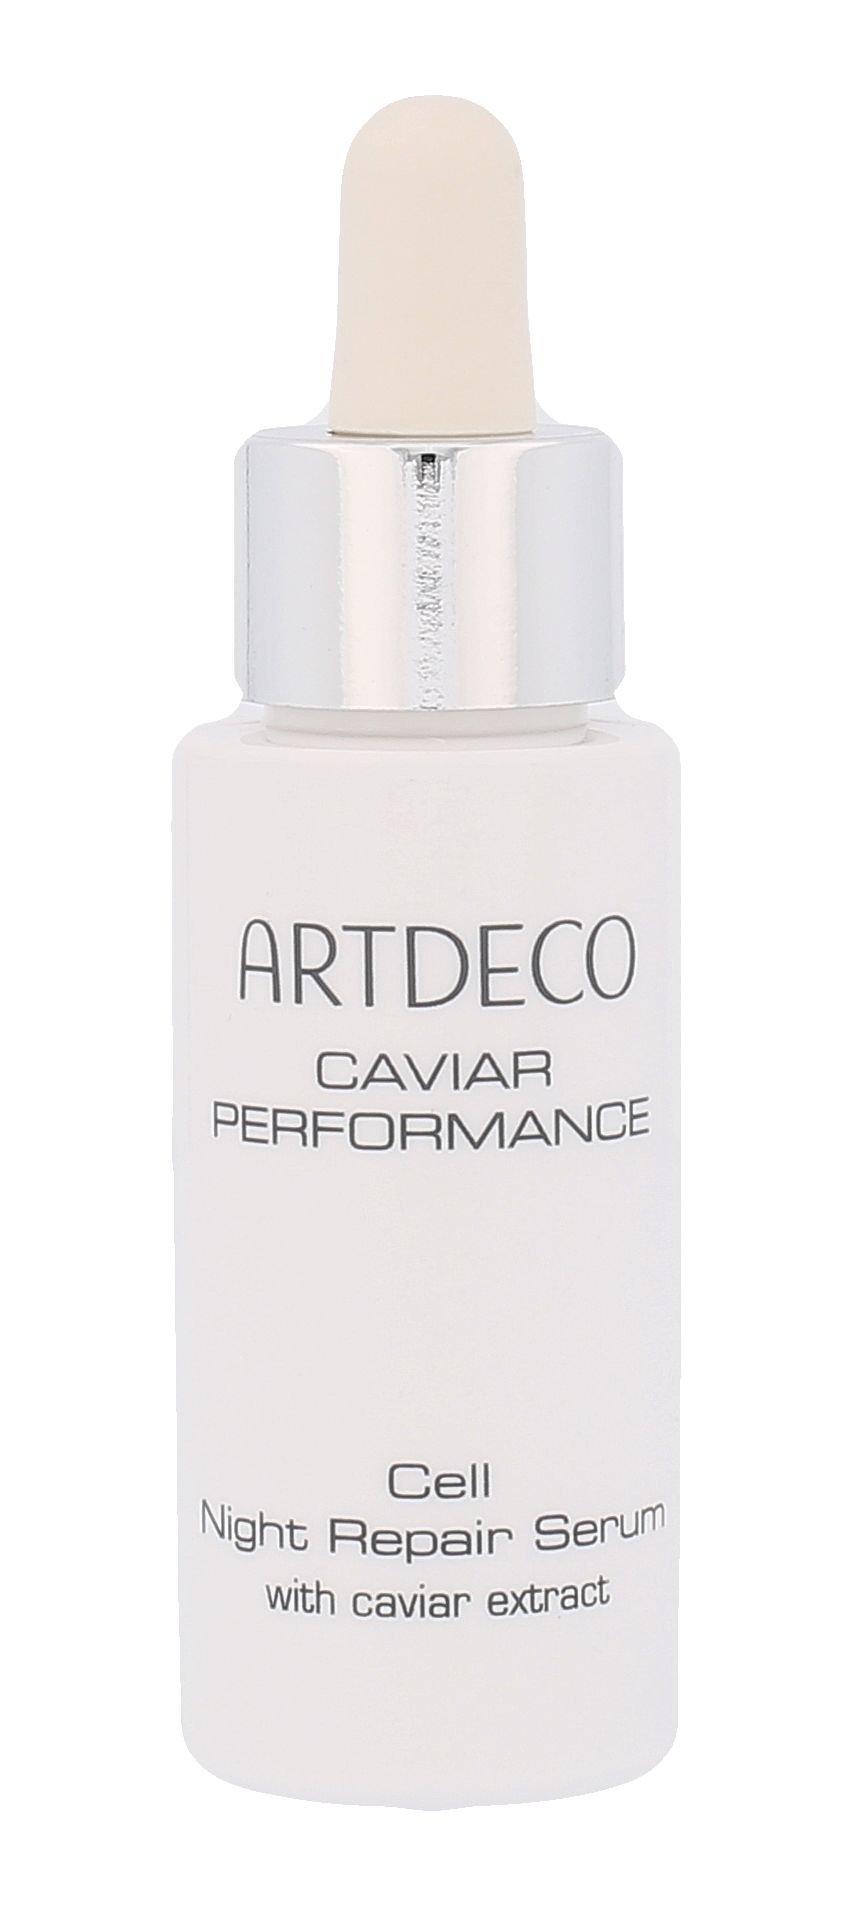 Artdeco Caviar Performance Cosmetic 30ml  Cell Night Repair Serum